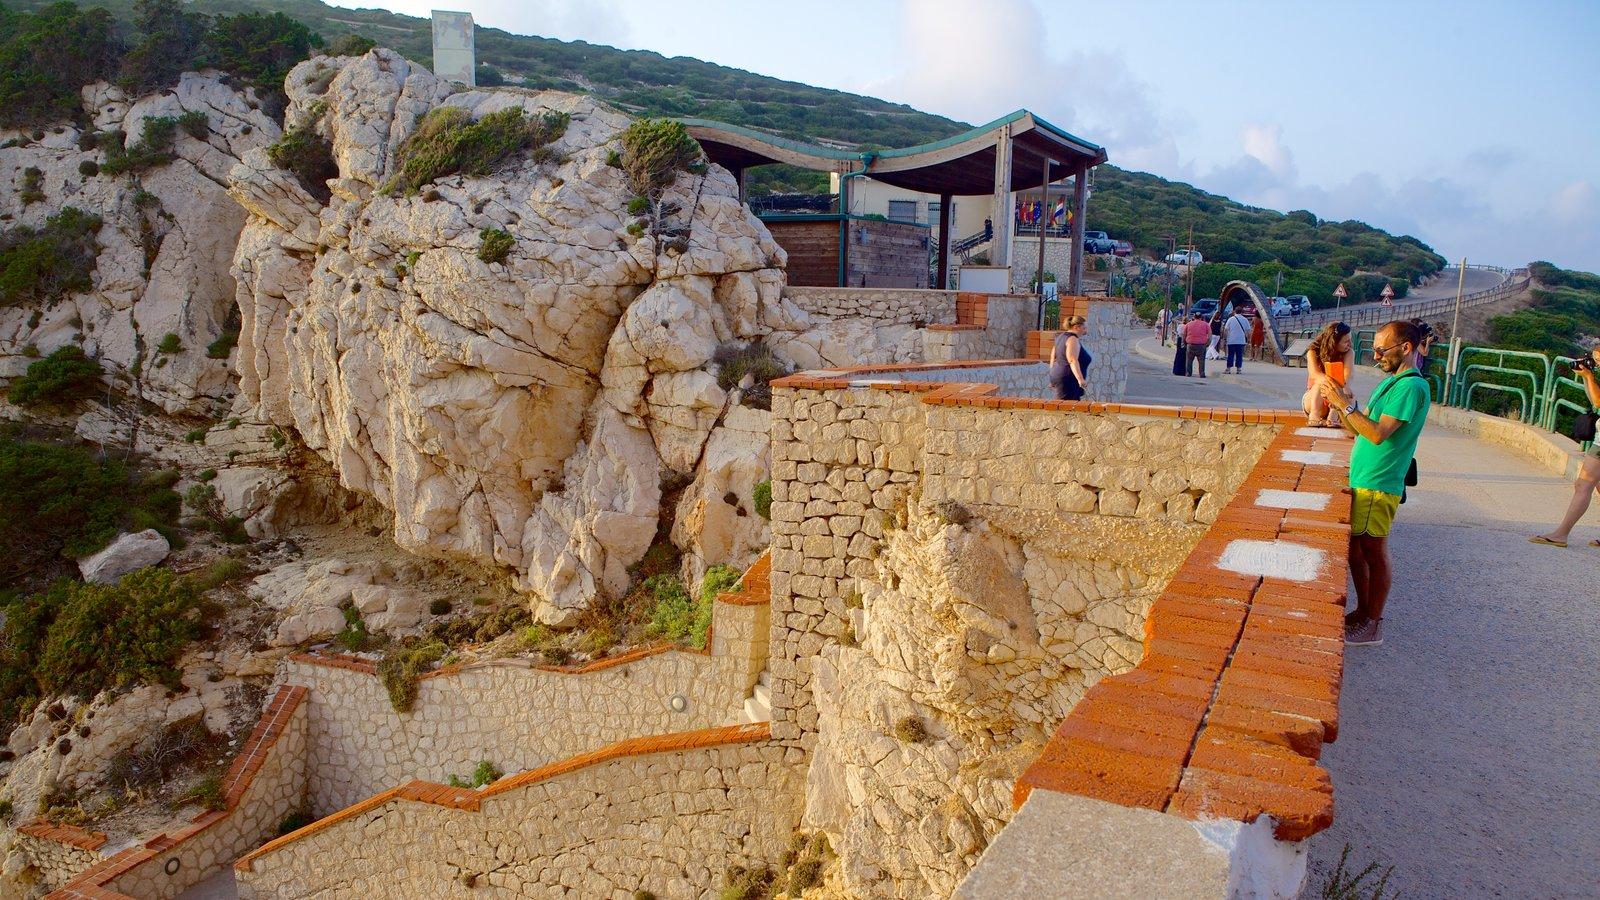 Capo Caccia mostrando paisagens